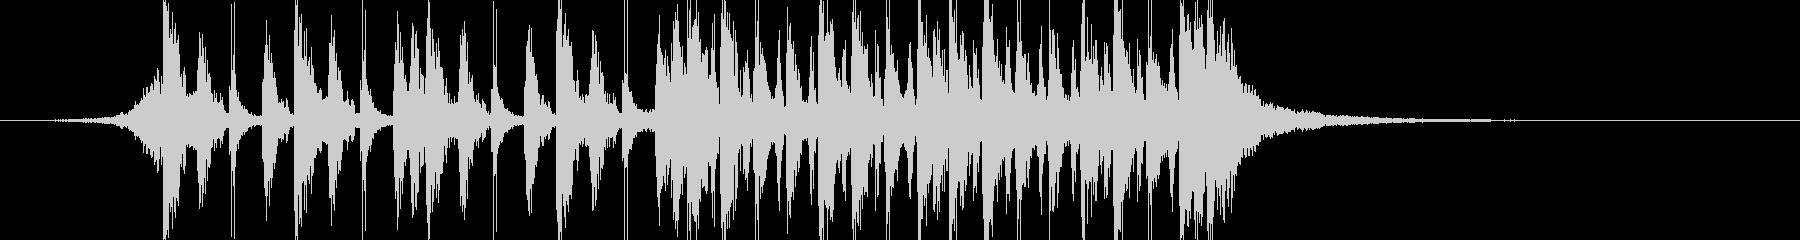 ダブステップ 実験的 神経質 テク...の未再生の波形